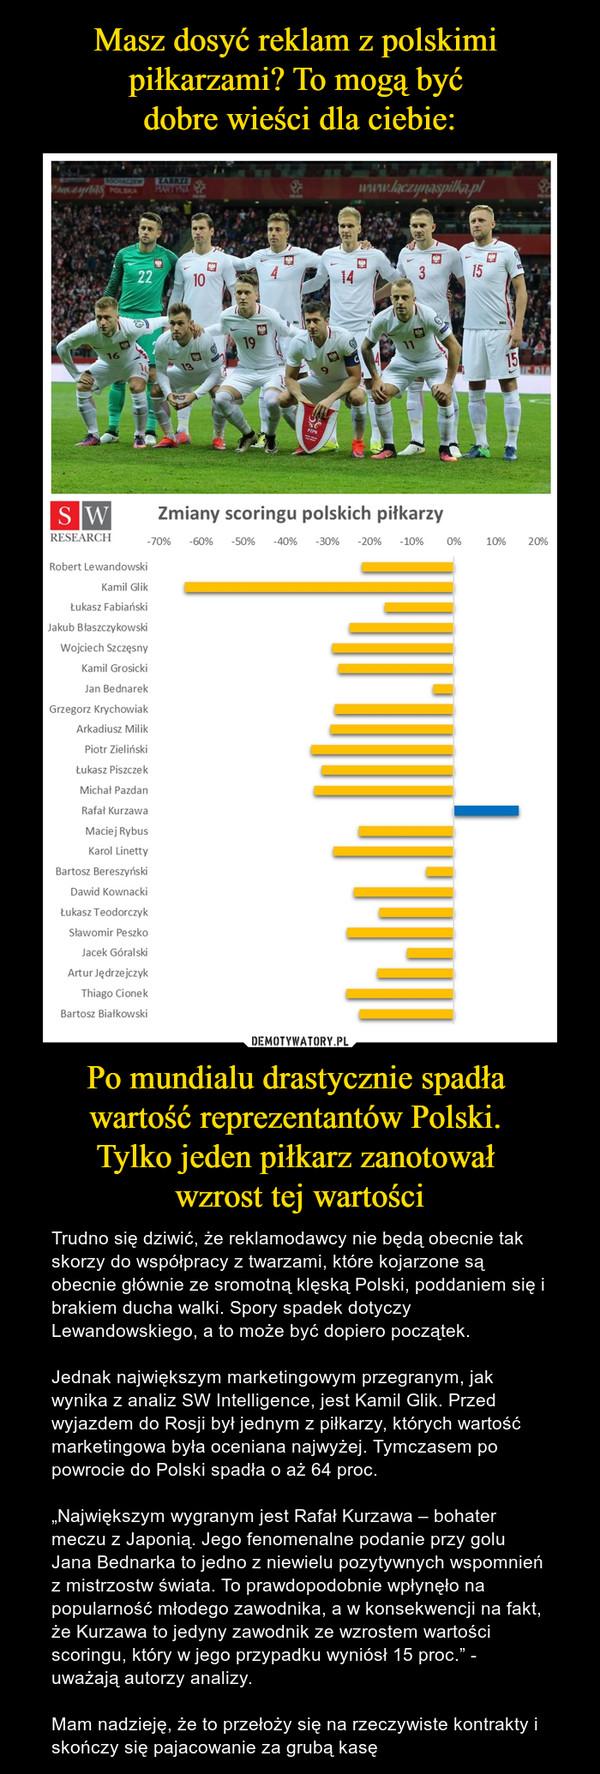 """Po mundialu drastycznie spadła wartość reprezentantów Polski. Tylko jeden piłkarz zanotował wzrost tej wartości – Trudno się dziwić, że reklamodawcy nie będą obecnie tak skorzy do współpracy z twarzami, które kojarzone są obecnie głównie ze sromotną klęską Polski, poddaniem się i brakiem ducha walki. Spory spadek dotyczy Lewandowskiego, a to może być dopiero początek. Jednak największym marketingowym przegranym, jak wynika z analiz SW Intelligence, jest Kamil Glik. Przed wyjazdem do Rosji był jednym z piłkarzy, których wartość marketingowa była oceniana najwyżej. Tymczasem po powrocie do Polski spadła o aż 64 proc. """"Największym wygranym jest Rafał Kurzawa – bohater meczu z Japonią. Jego fenomenalne podanie przy golu Jana Bednarka to jedno z niewielu pozytywnych wspomnień z mistrzostw świata. To prawdopodobnie wpłynęło na popularność młodego zawodnika, a w konsekwencji na fakt, że Kurzawa to jedyny zawodnik ze wzrostem wartości scoringu, który w jego przypadku wyniósł 15 proc."""" - uważają autorzy analizy.Mam nadzieję, że to przełoży się na rzeczywiste kontrakty i skończy się pajacowanie za grubą kasę"""